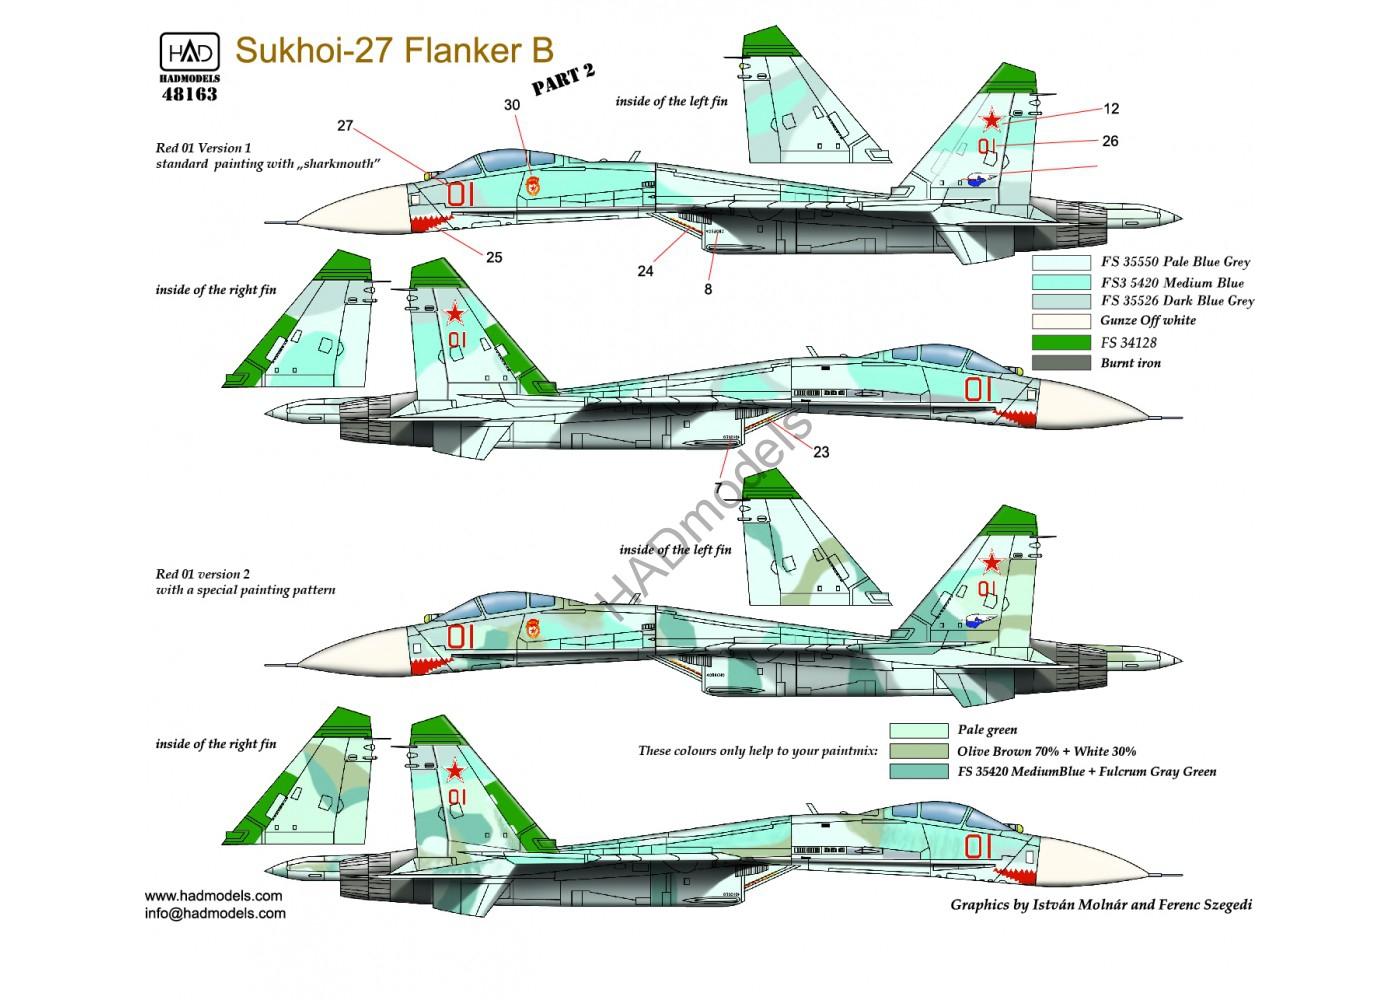 HAD72160 Su 27 Russia Air Force decal sheet 172 1238 3 had72160 su 27 ( russia air force) decal sheet 1 72 sklep su-27 em diagram at crackthecode.co